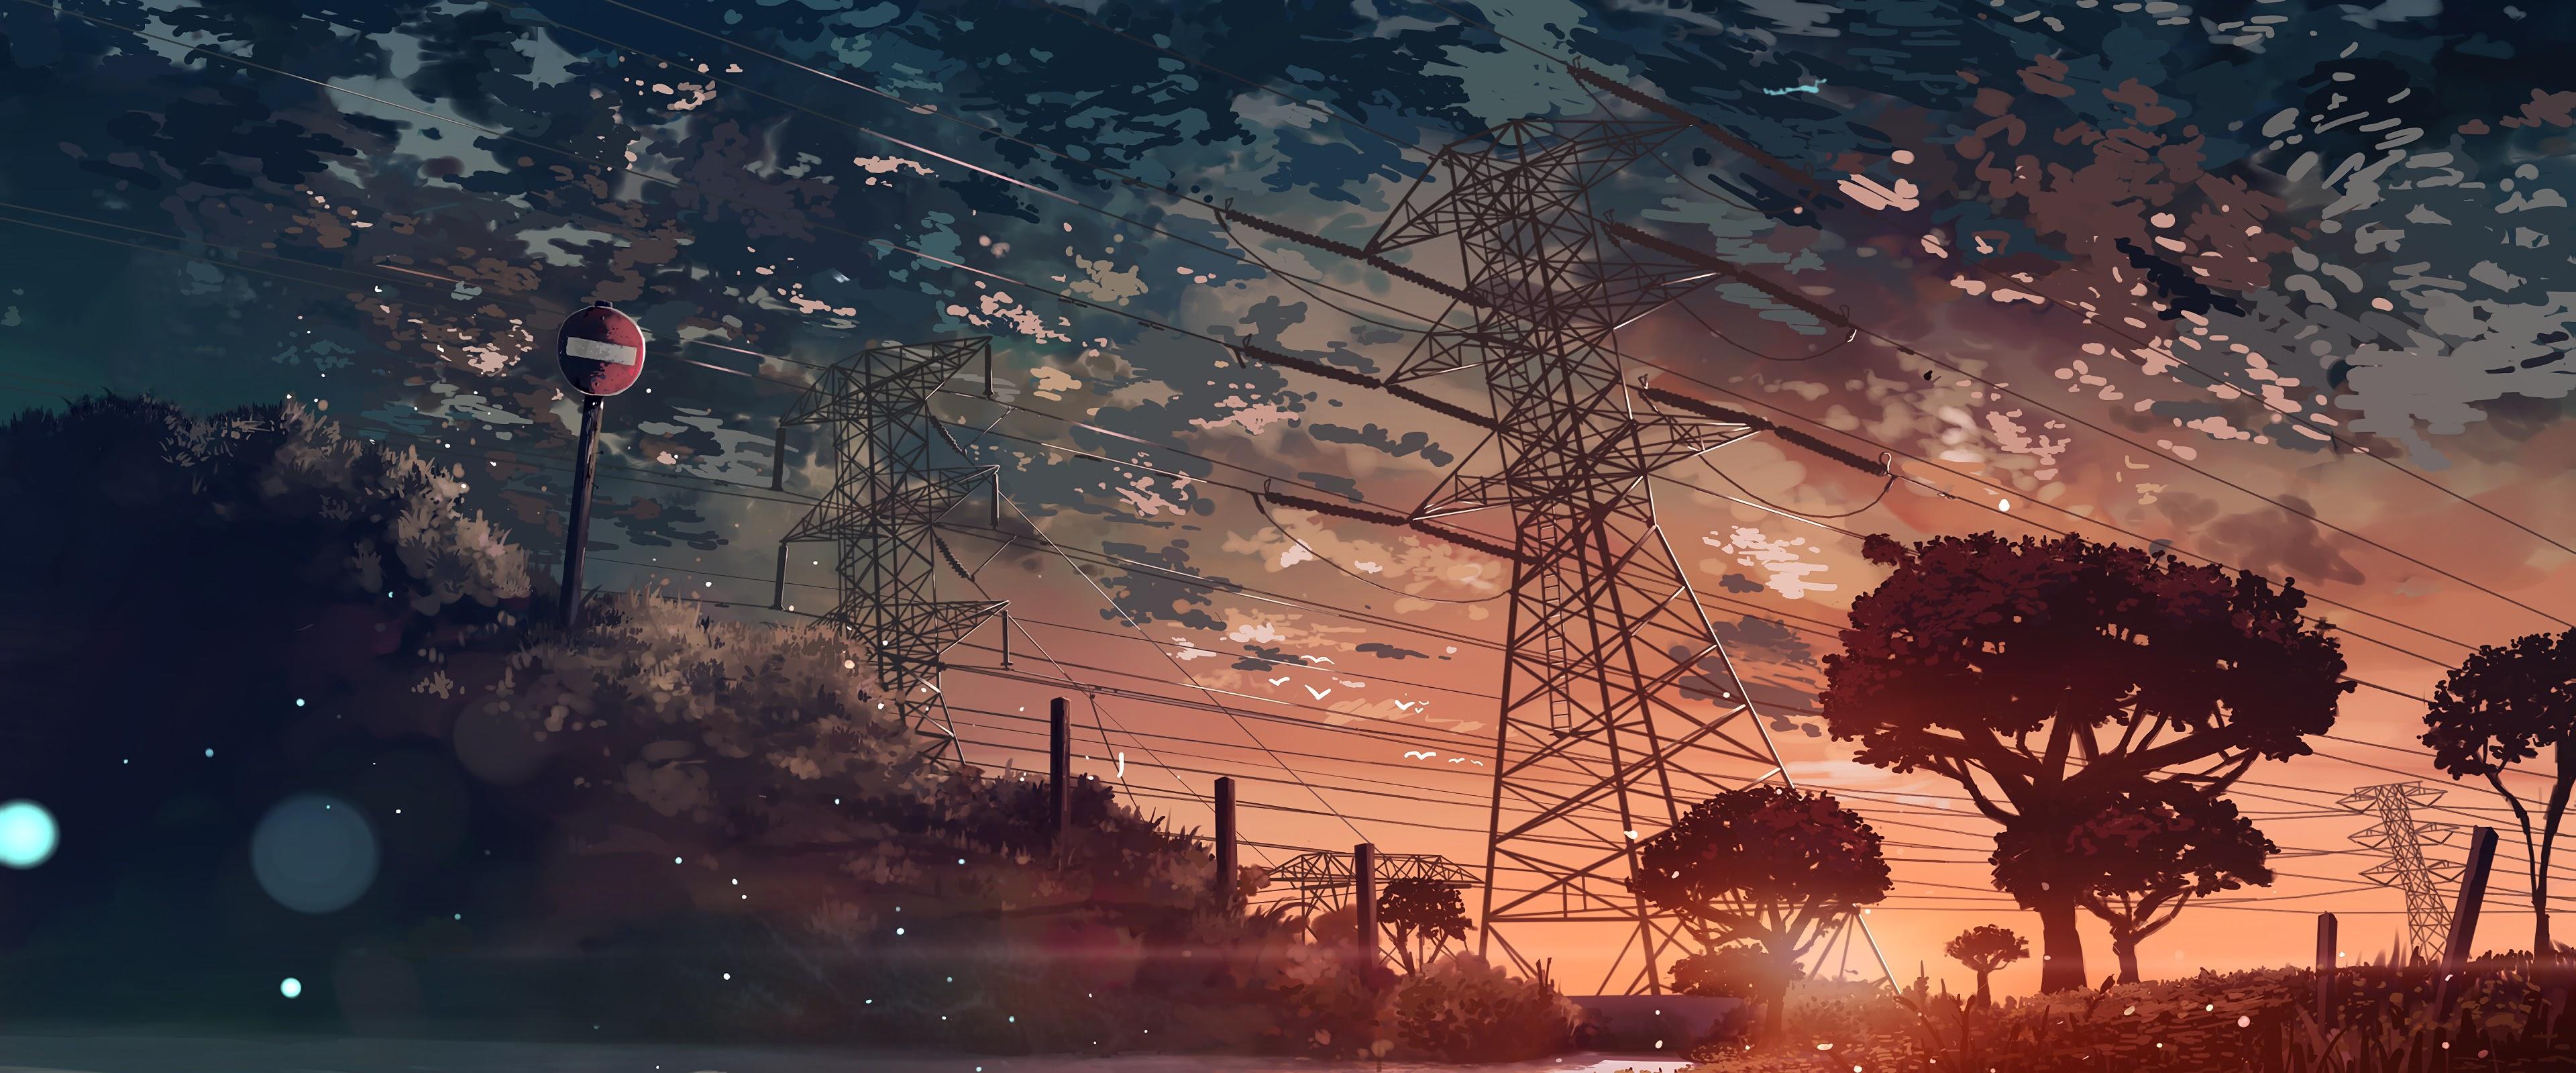 Anime, Scenery, Sunset, 4K, #112 Wallpaper